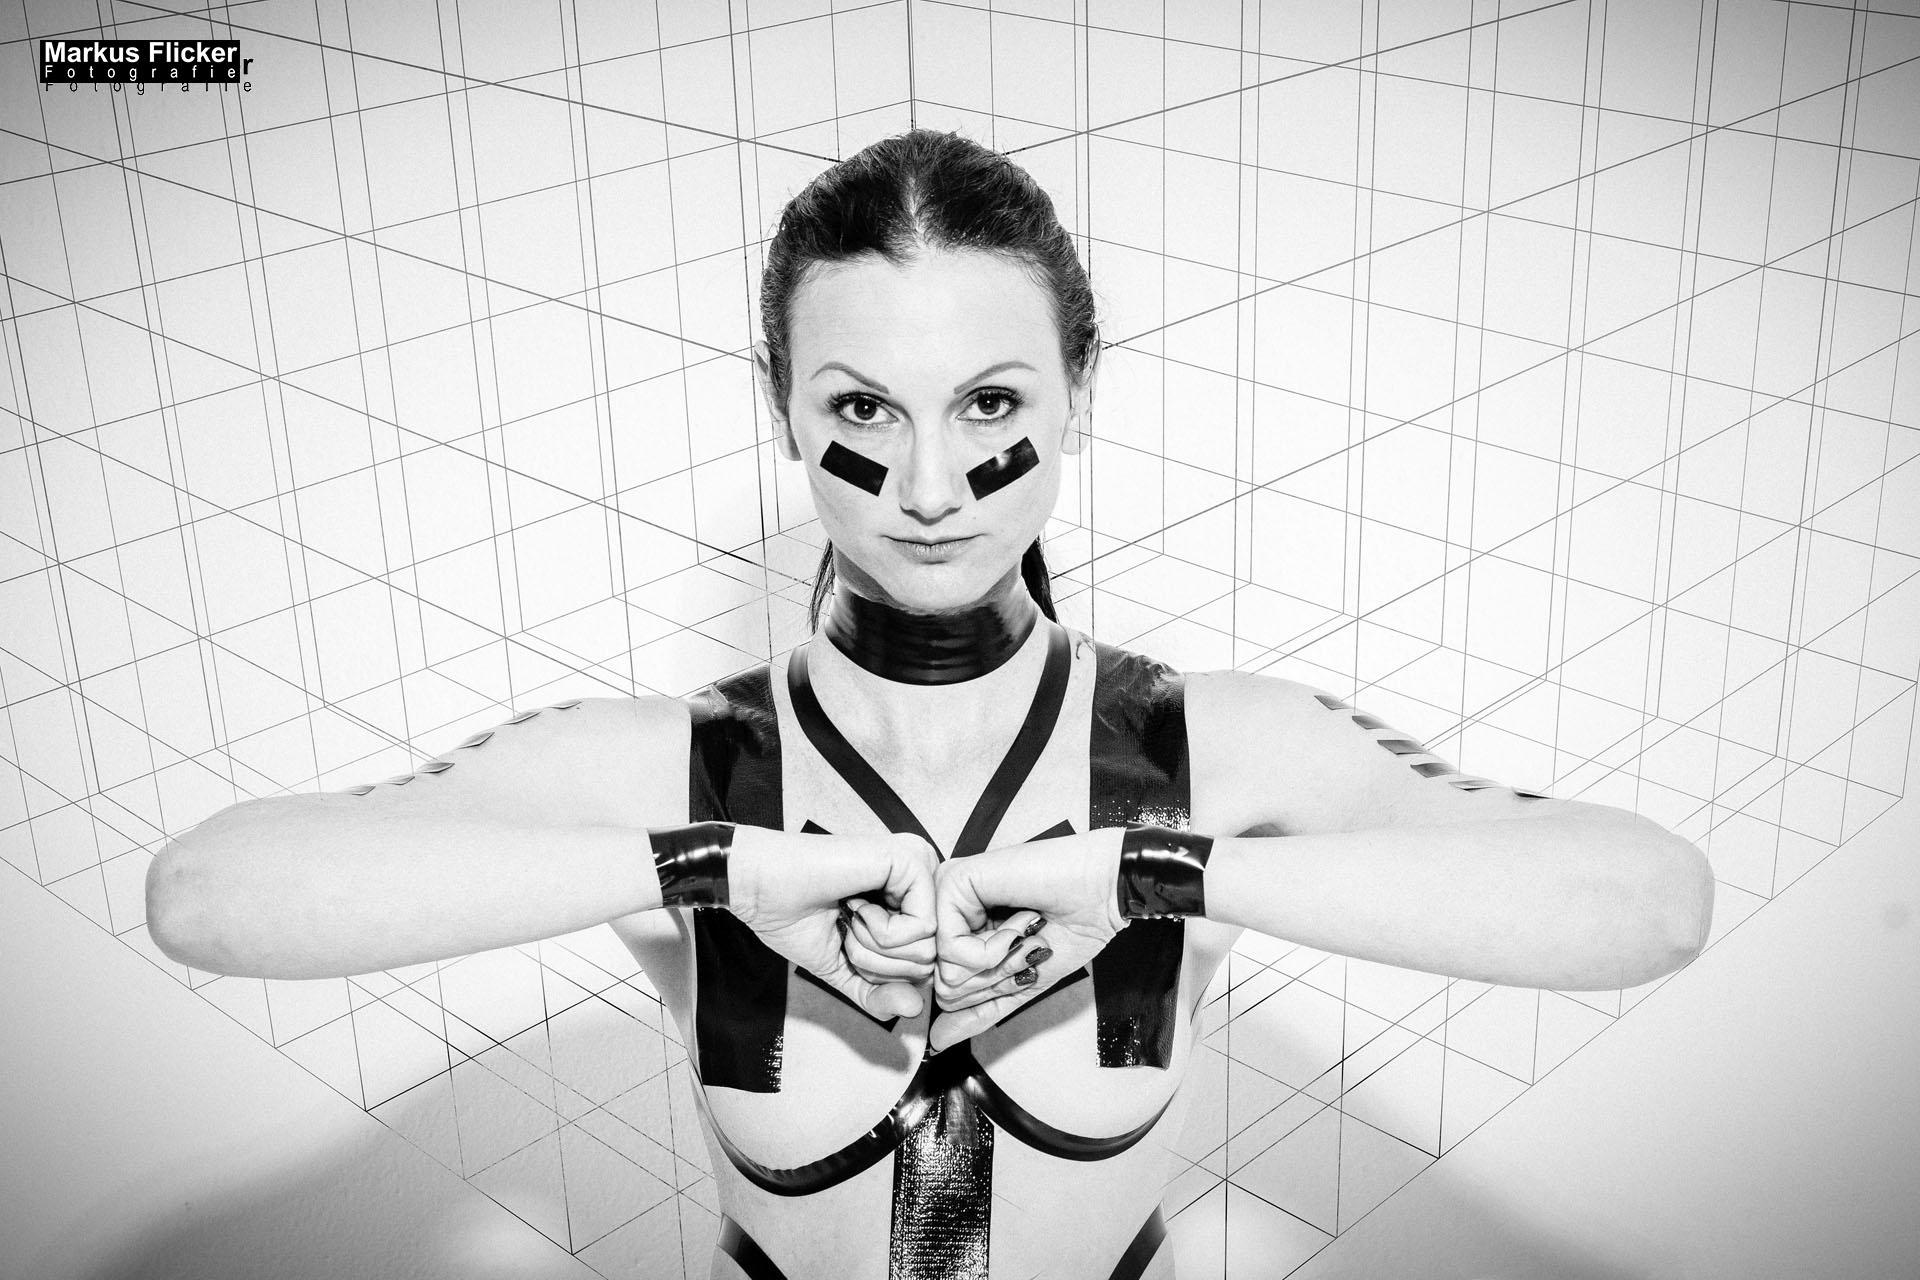 Fotoshooting im Studio mit Viktoria Maxx #TapeTheModelPhotography